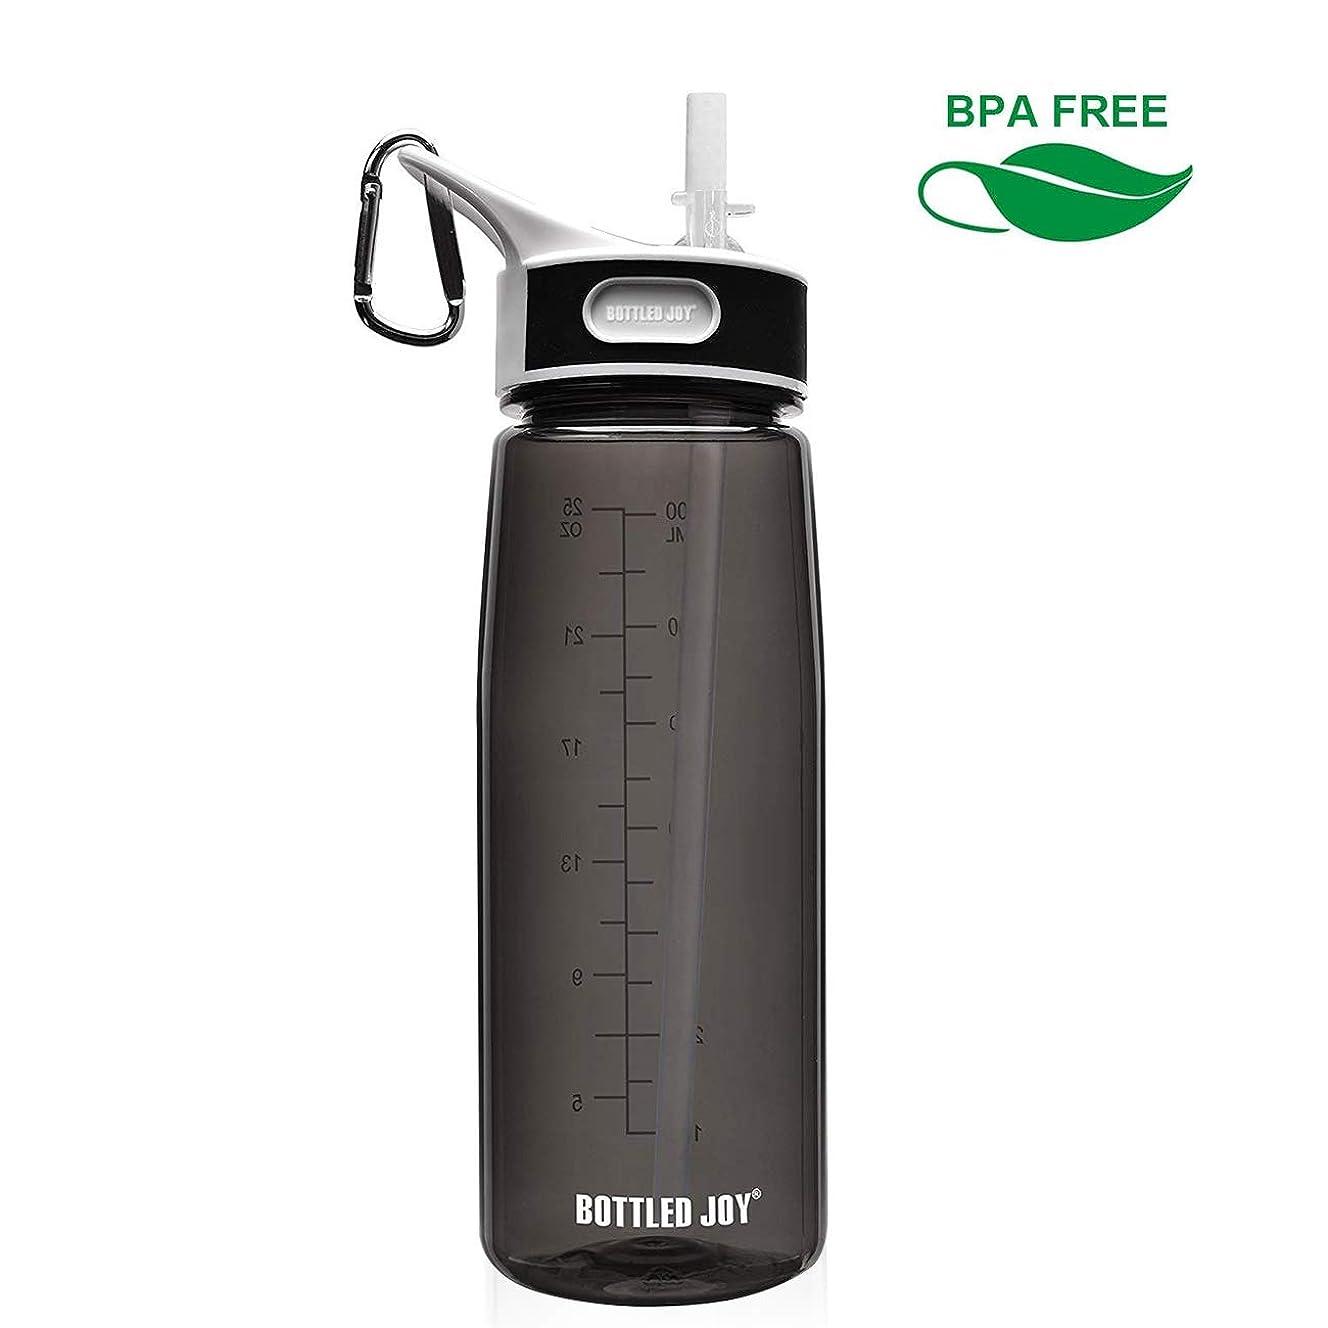 真空ヒューマニスティック種BOTTLED JOYストロー ボトル 水筒 ウォーターボトル800ml BPA FREE スポーツボトル 男女兼用 超軽量 耐冷耐熱 携帯便利 高い密封性 漏れ防止 直飲み 軽量 大人スポーツボトル